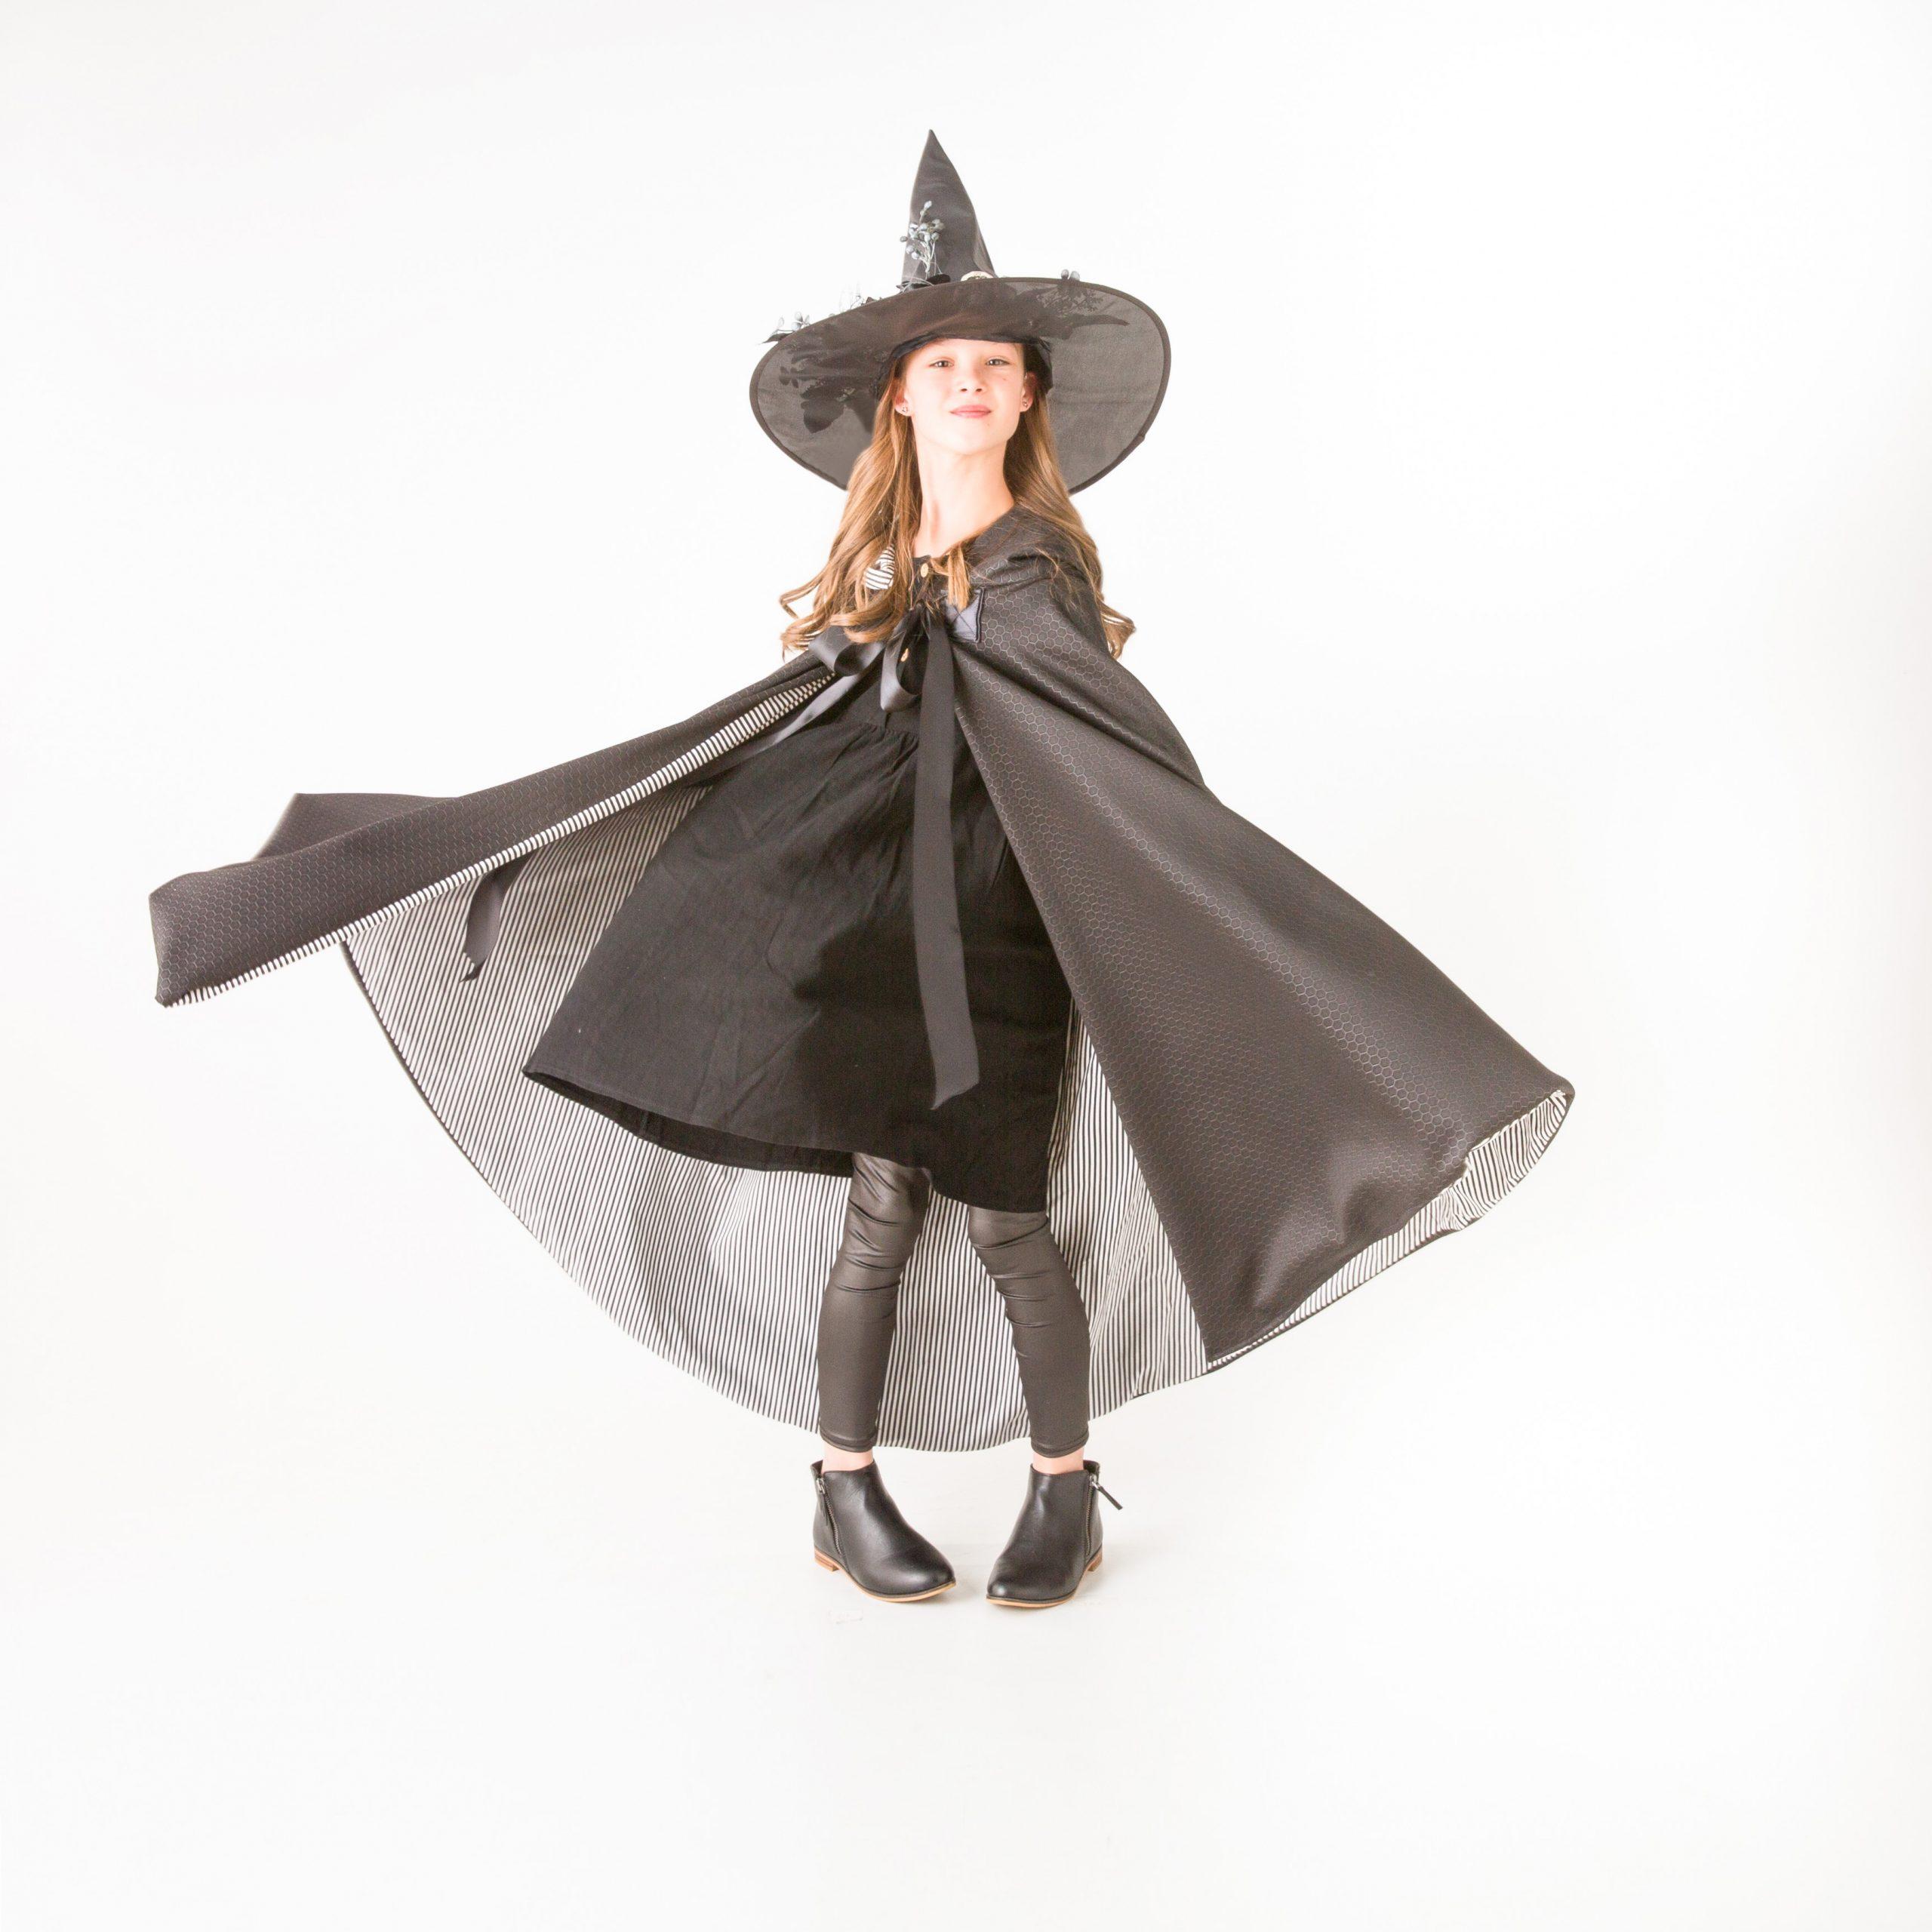 Halloween Special | October 31